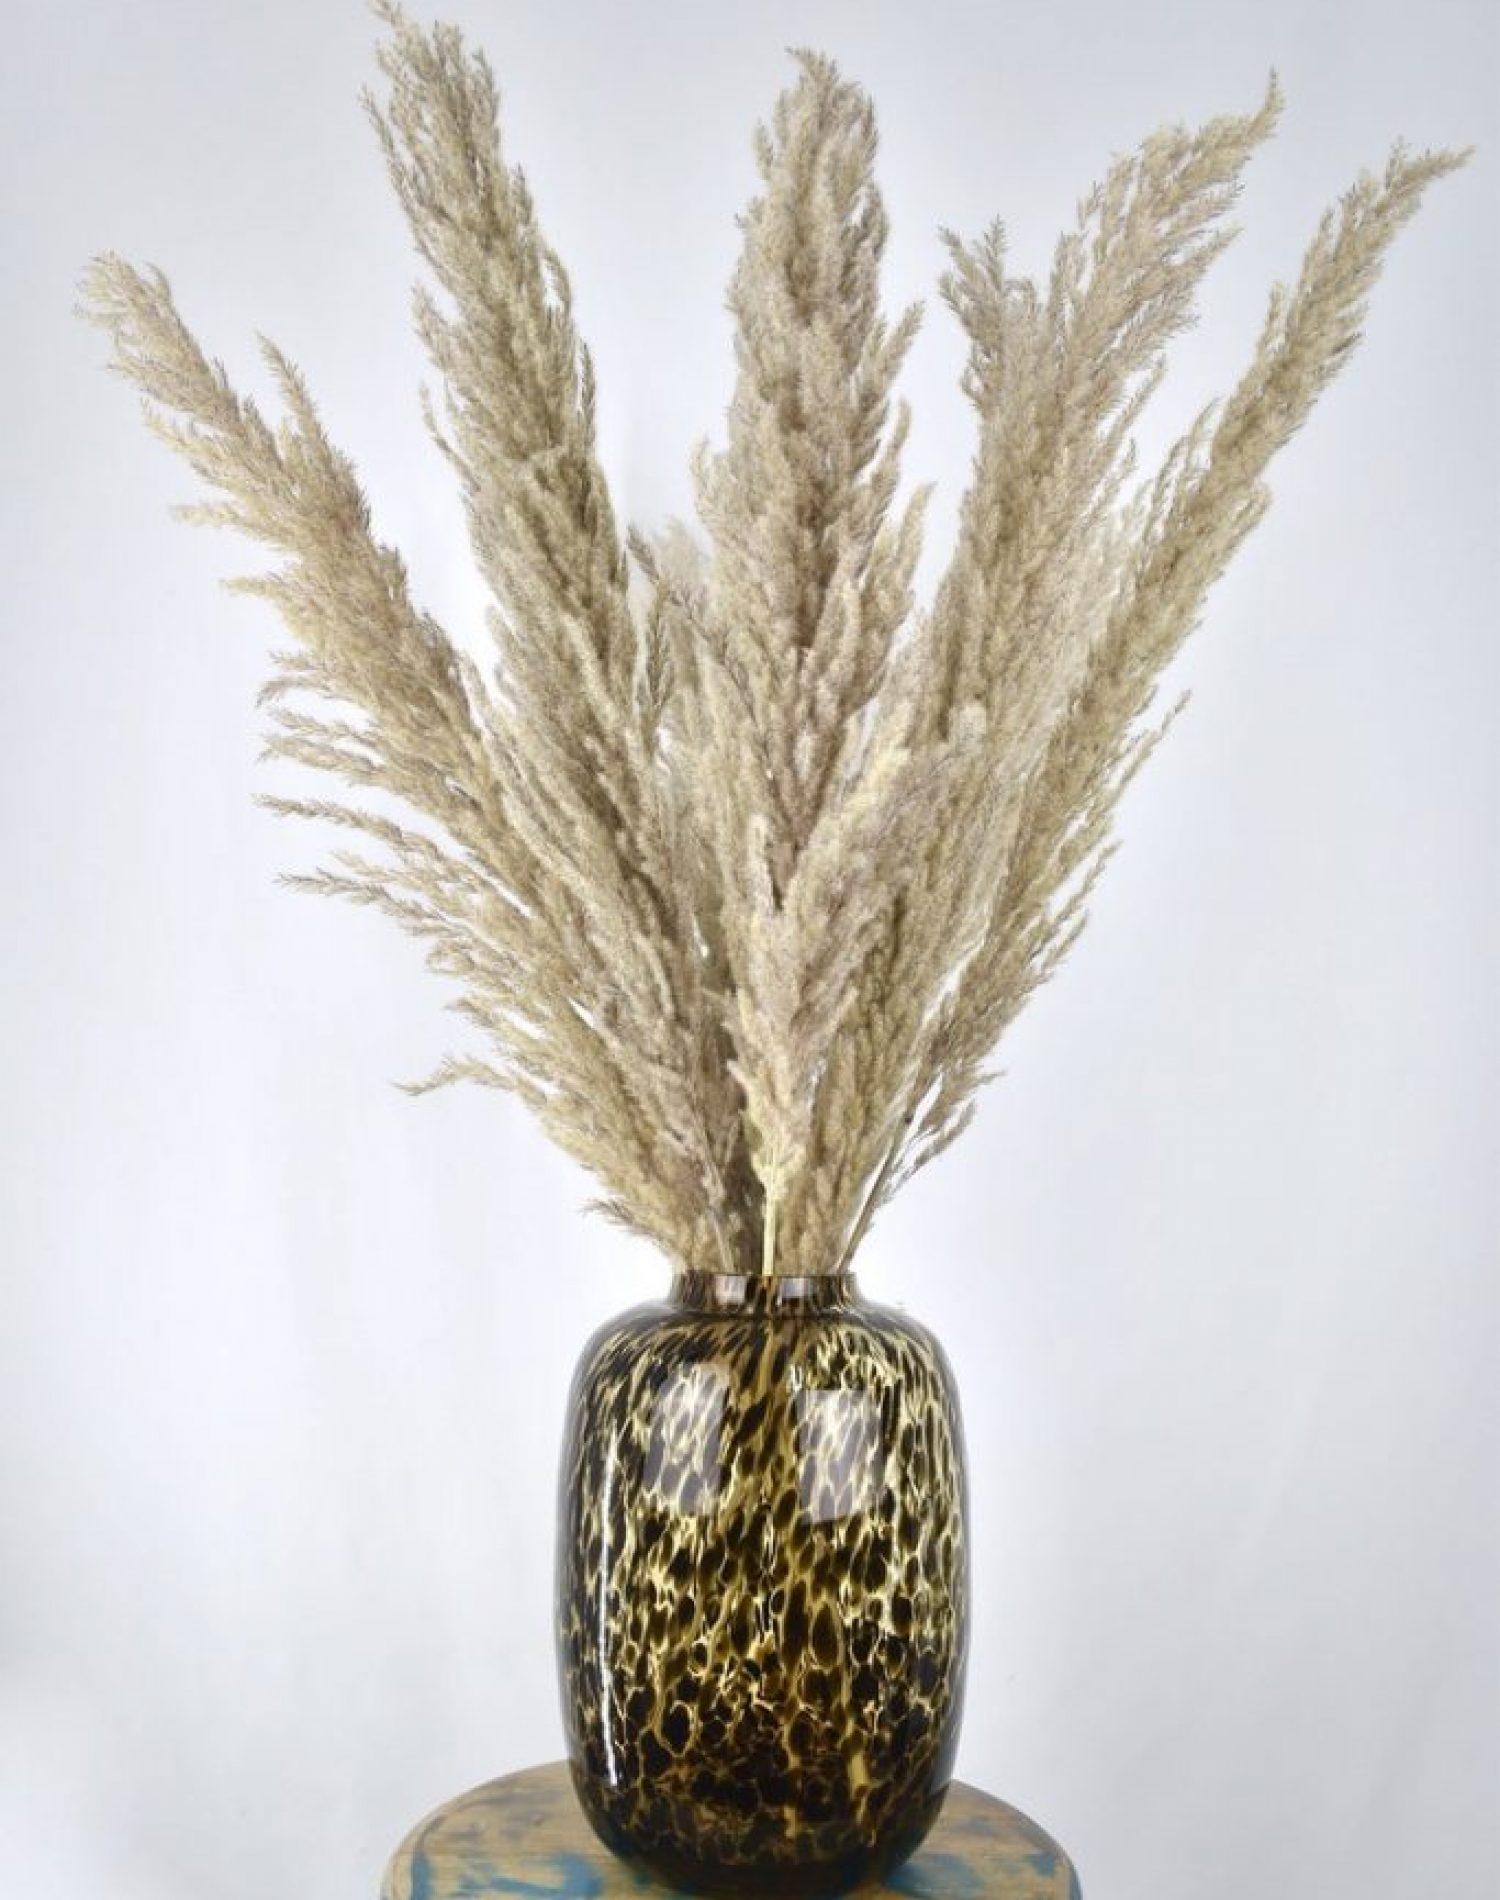 droogbloemen vaas met pampas pluimen cheetah